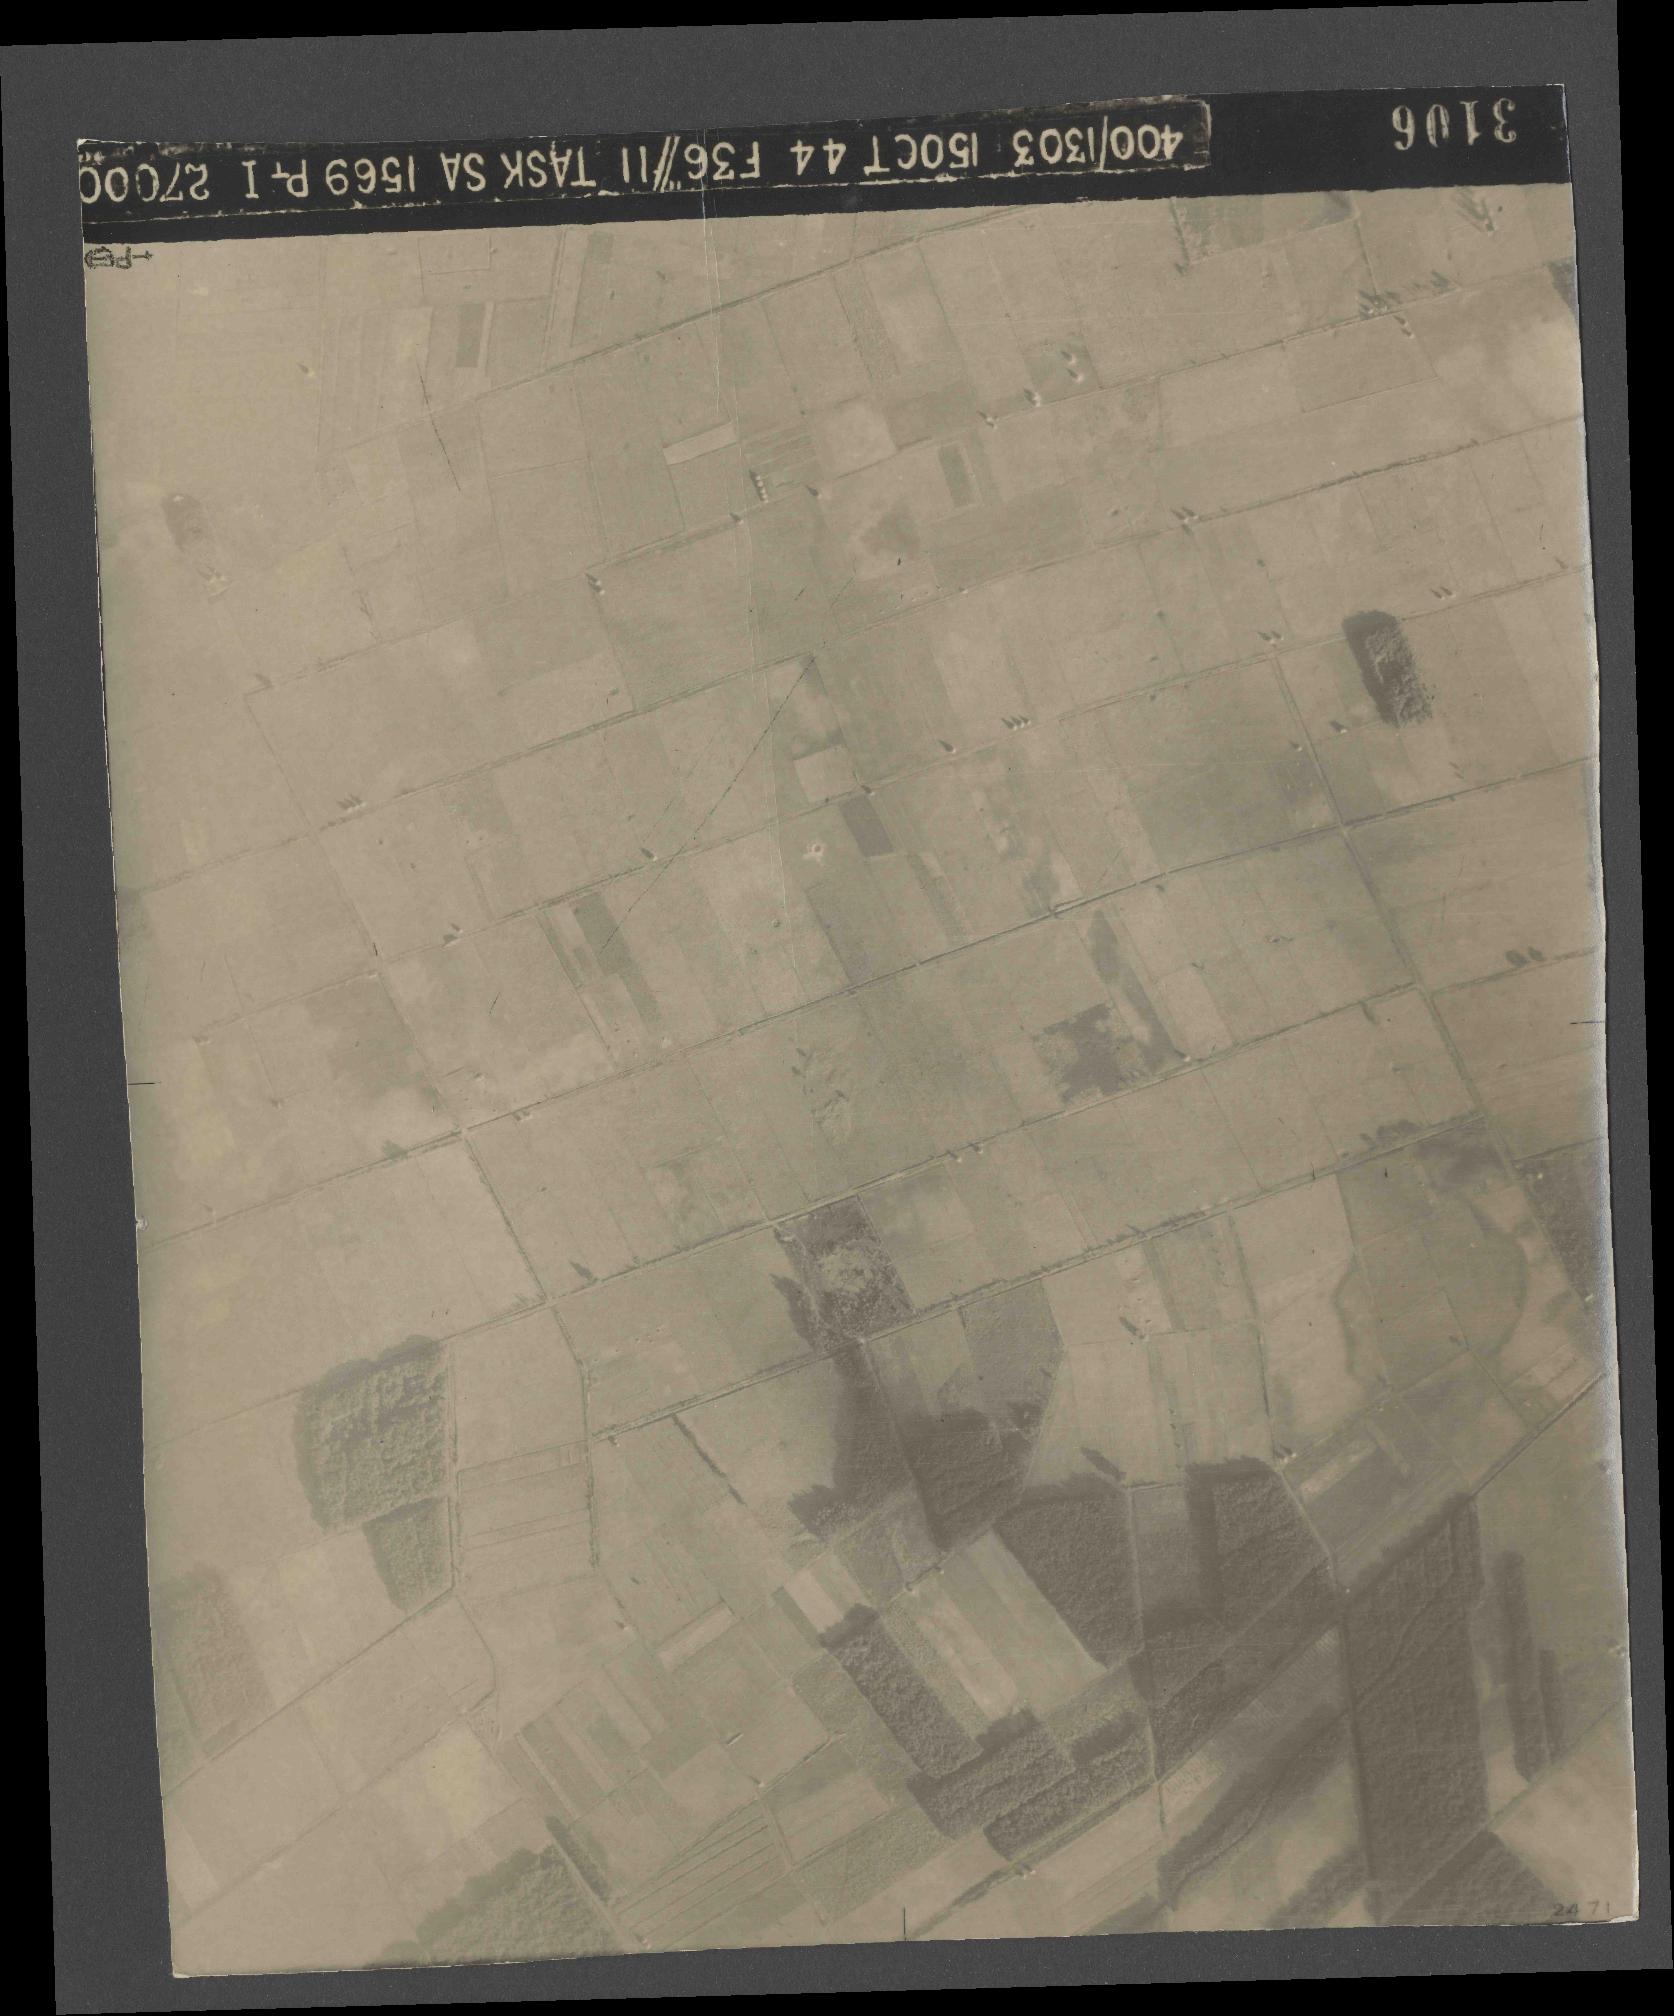 Collection RAF aerial photos 1940-1945 - flight 178, run 32, photo 3106